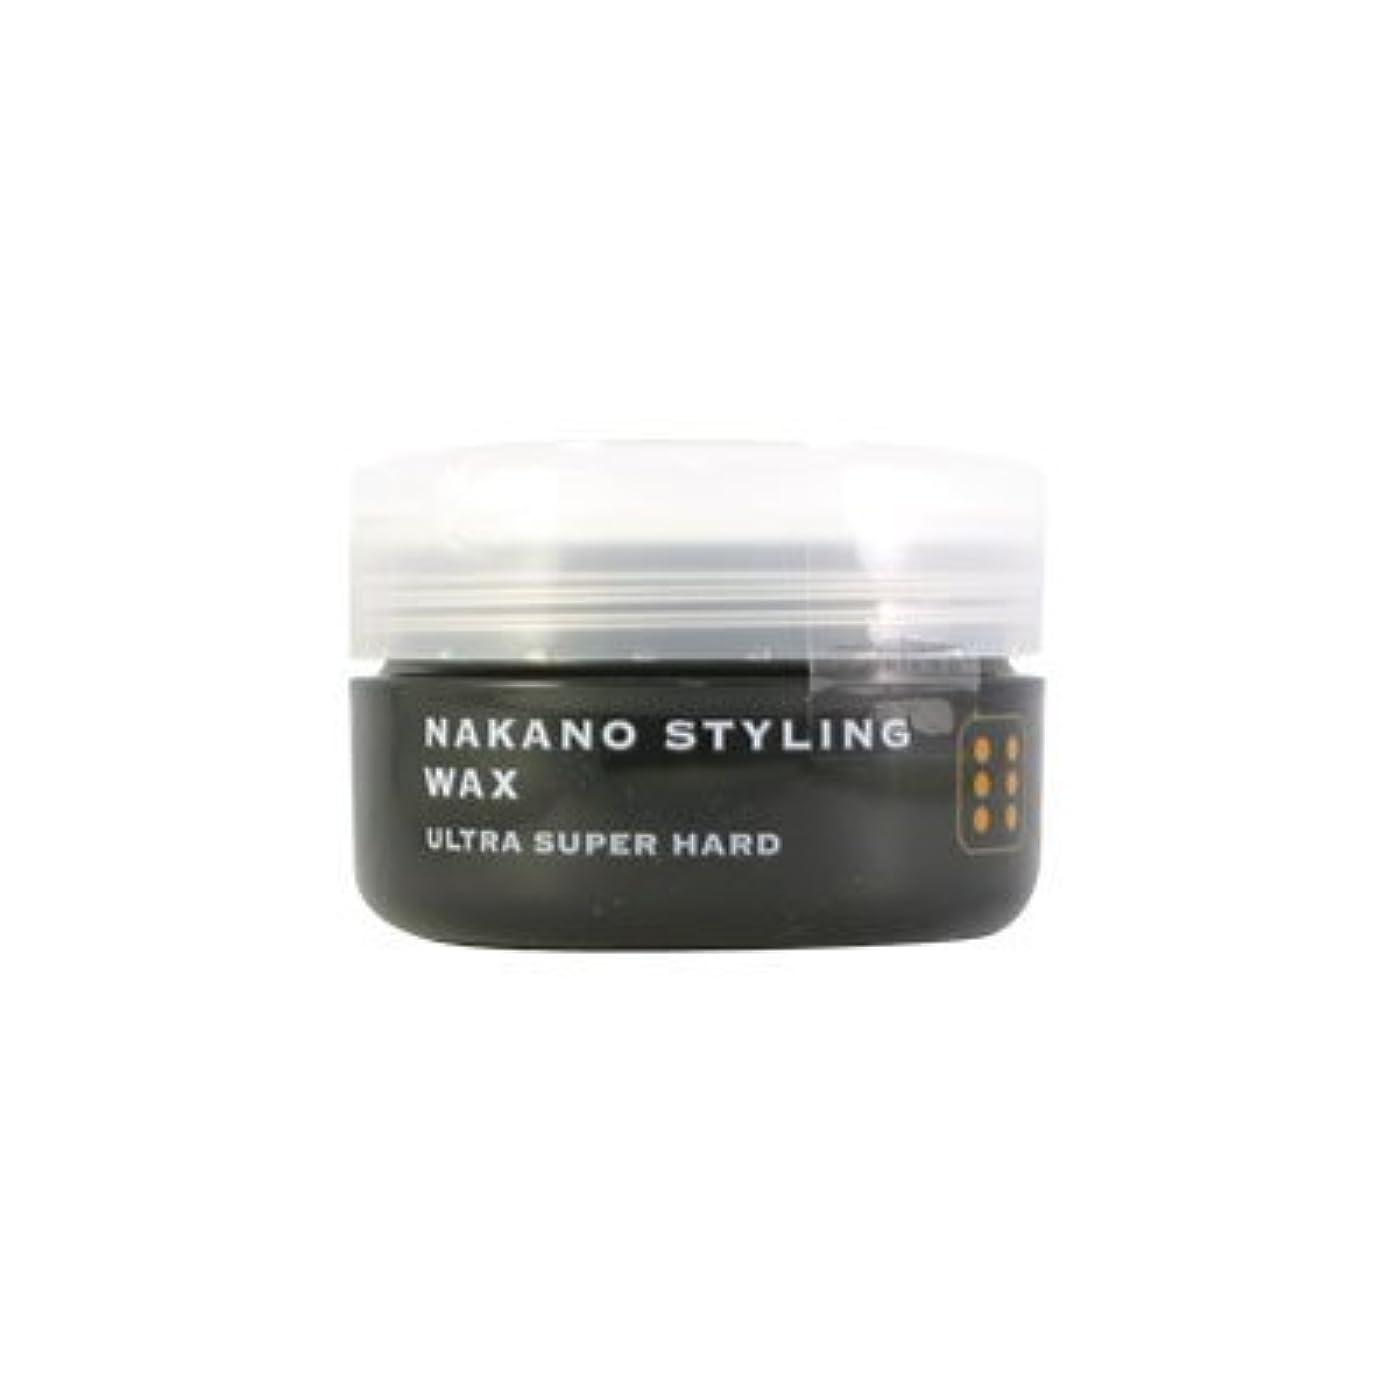 ソフトウェアパブ豊富なナカノ スタイリングワックス 6 ウルトラスーパーハード 90g 中野製薬 NAKANO